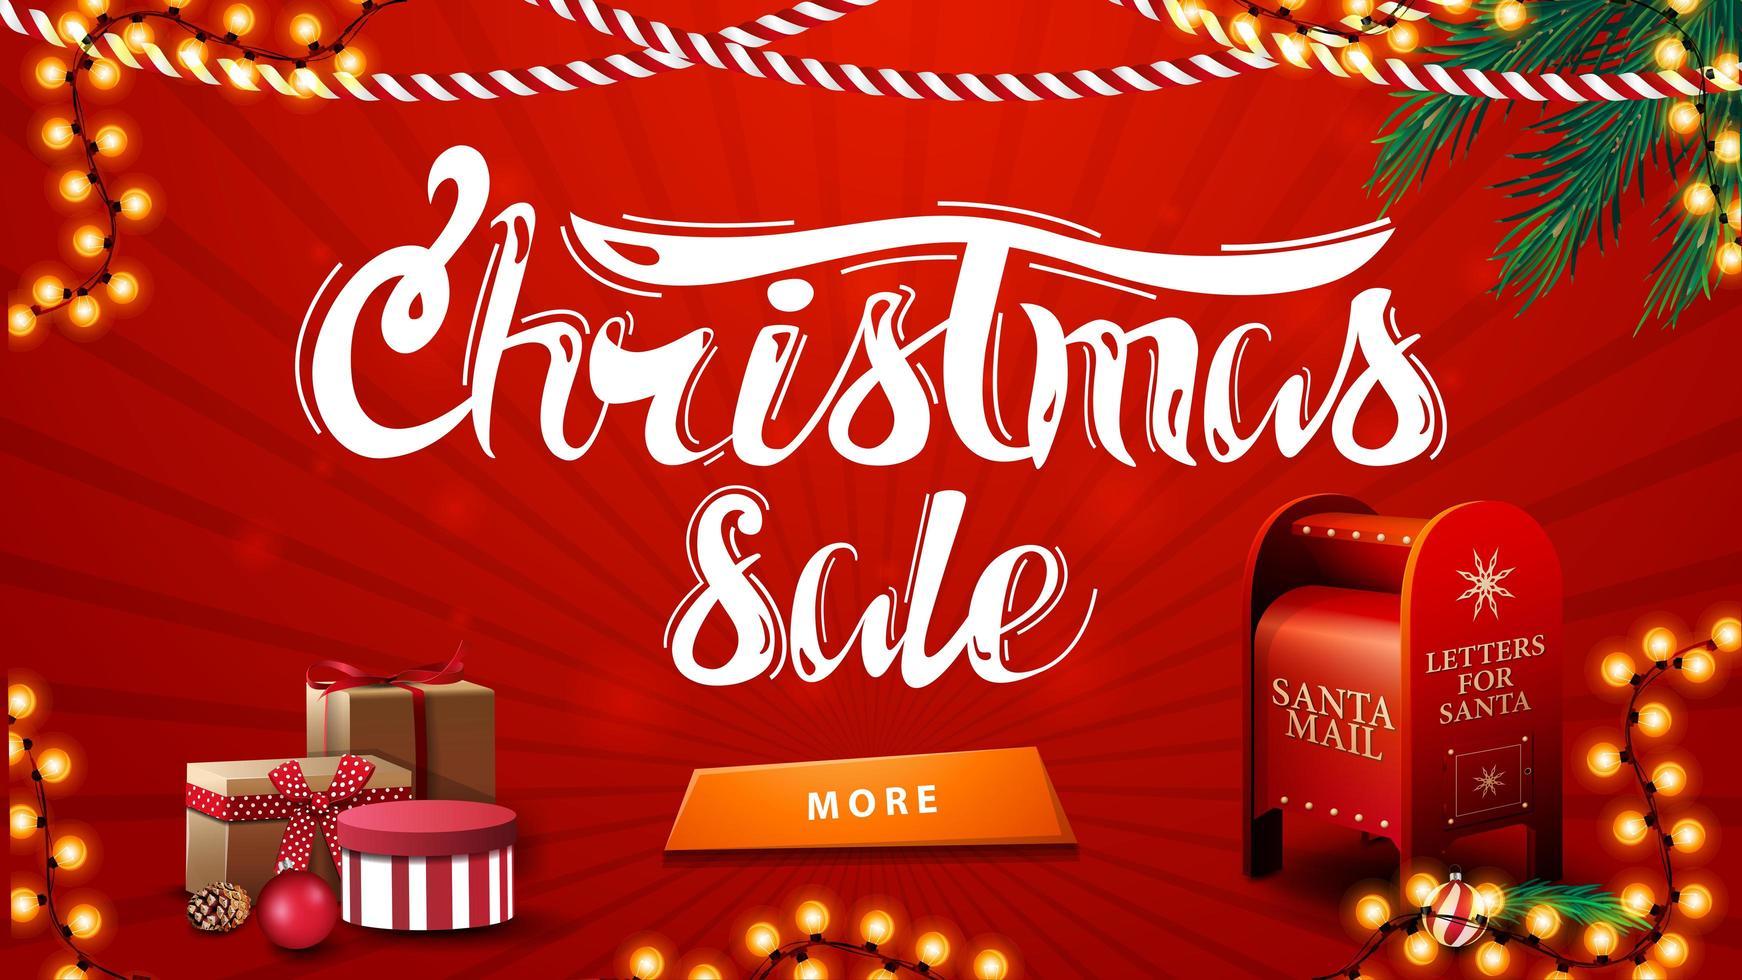 kerstuitverkoop, rode kortingsbanner met slingers, kerstboomtakken, knop, cadeautjes en kerstman brievenbus vector